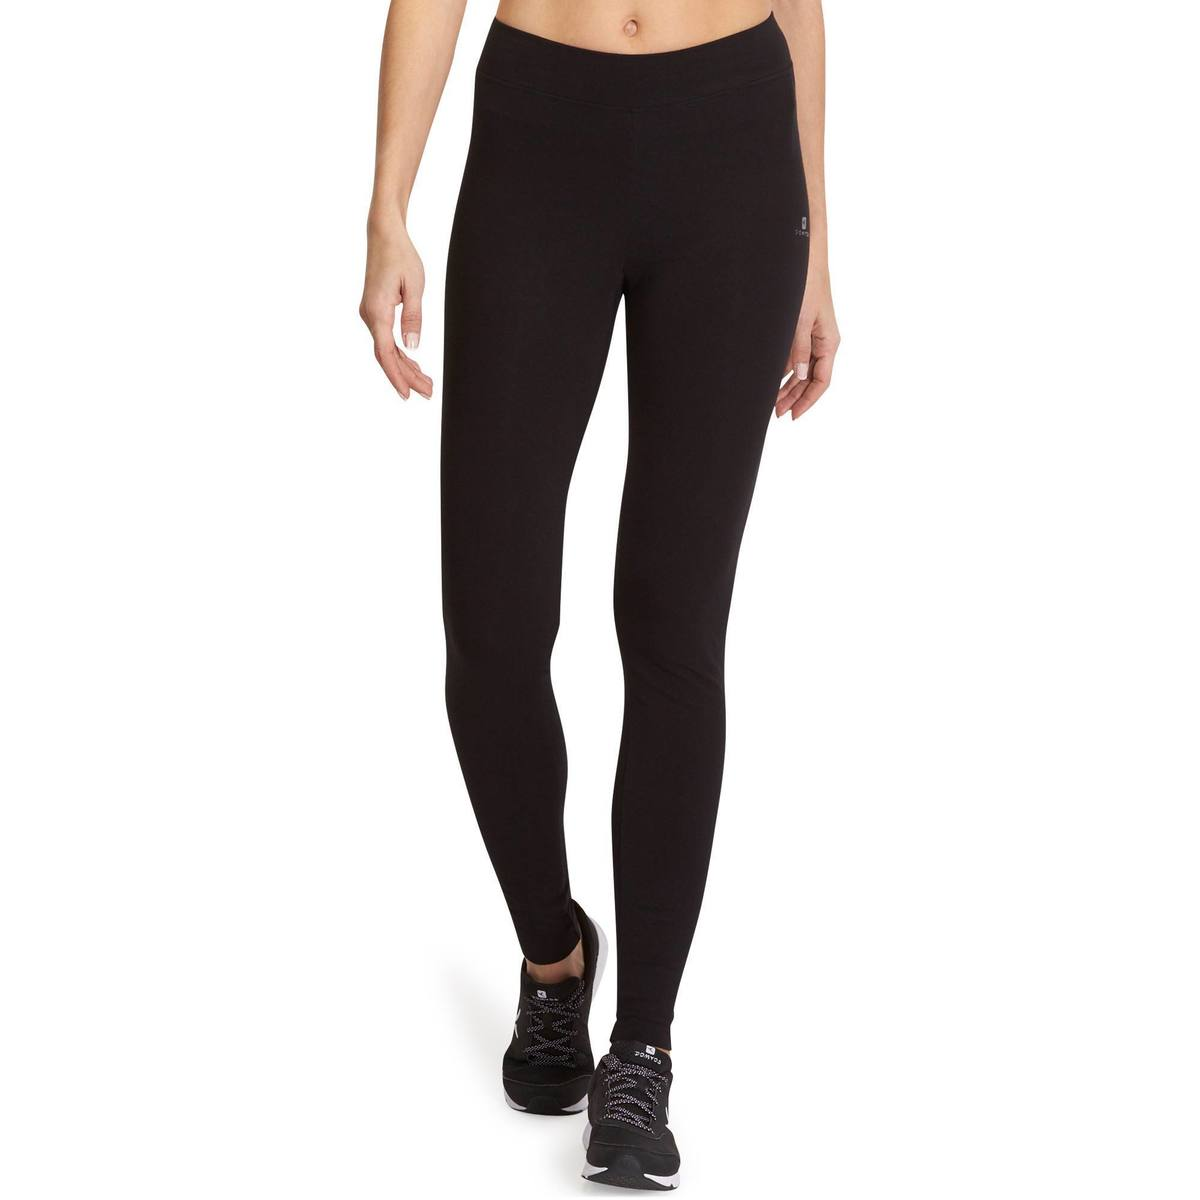 Bild 2 von Leggings Fit+500 Slim Gym & Pilates Damen schwarz